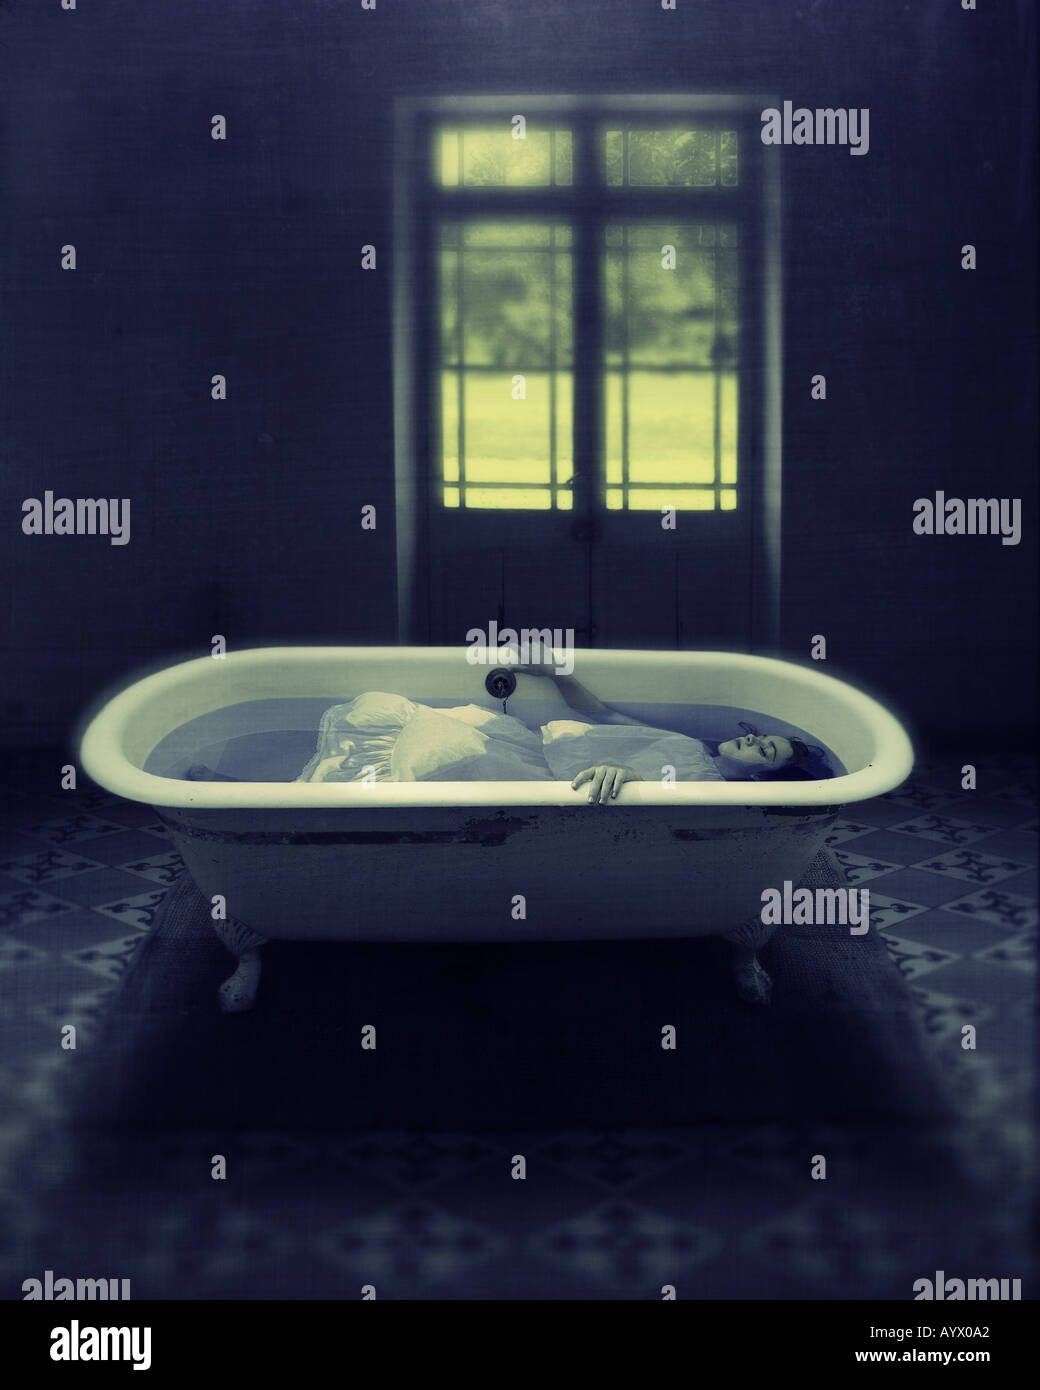 Fille en robe blanche est immergé dans l'eau dans la baignoire dans salle vide avec porte à jardin Photo Stock